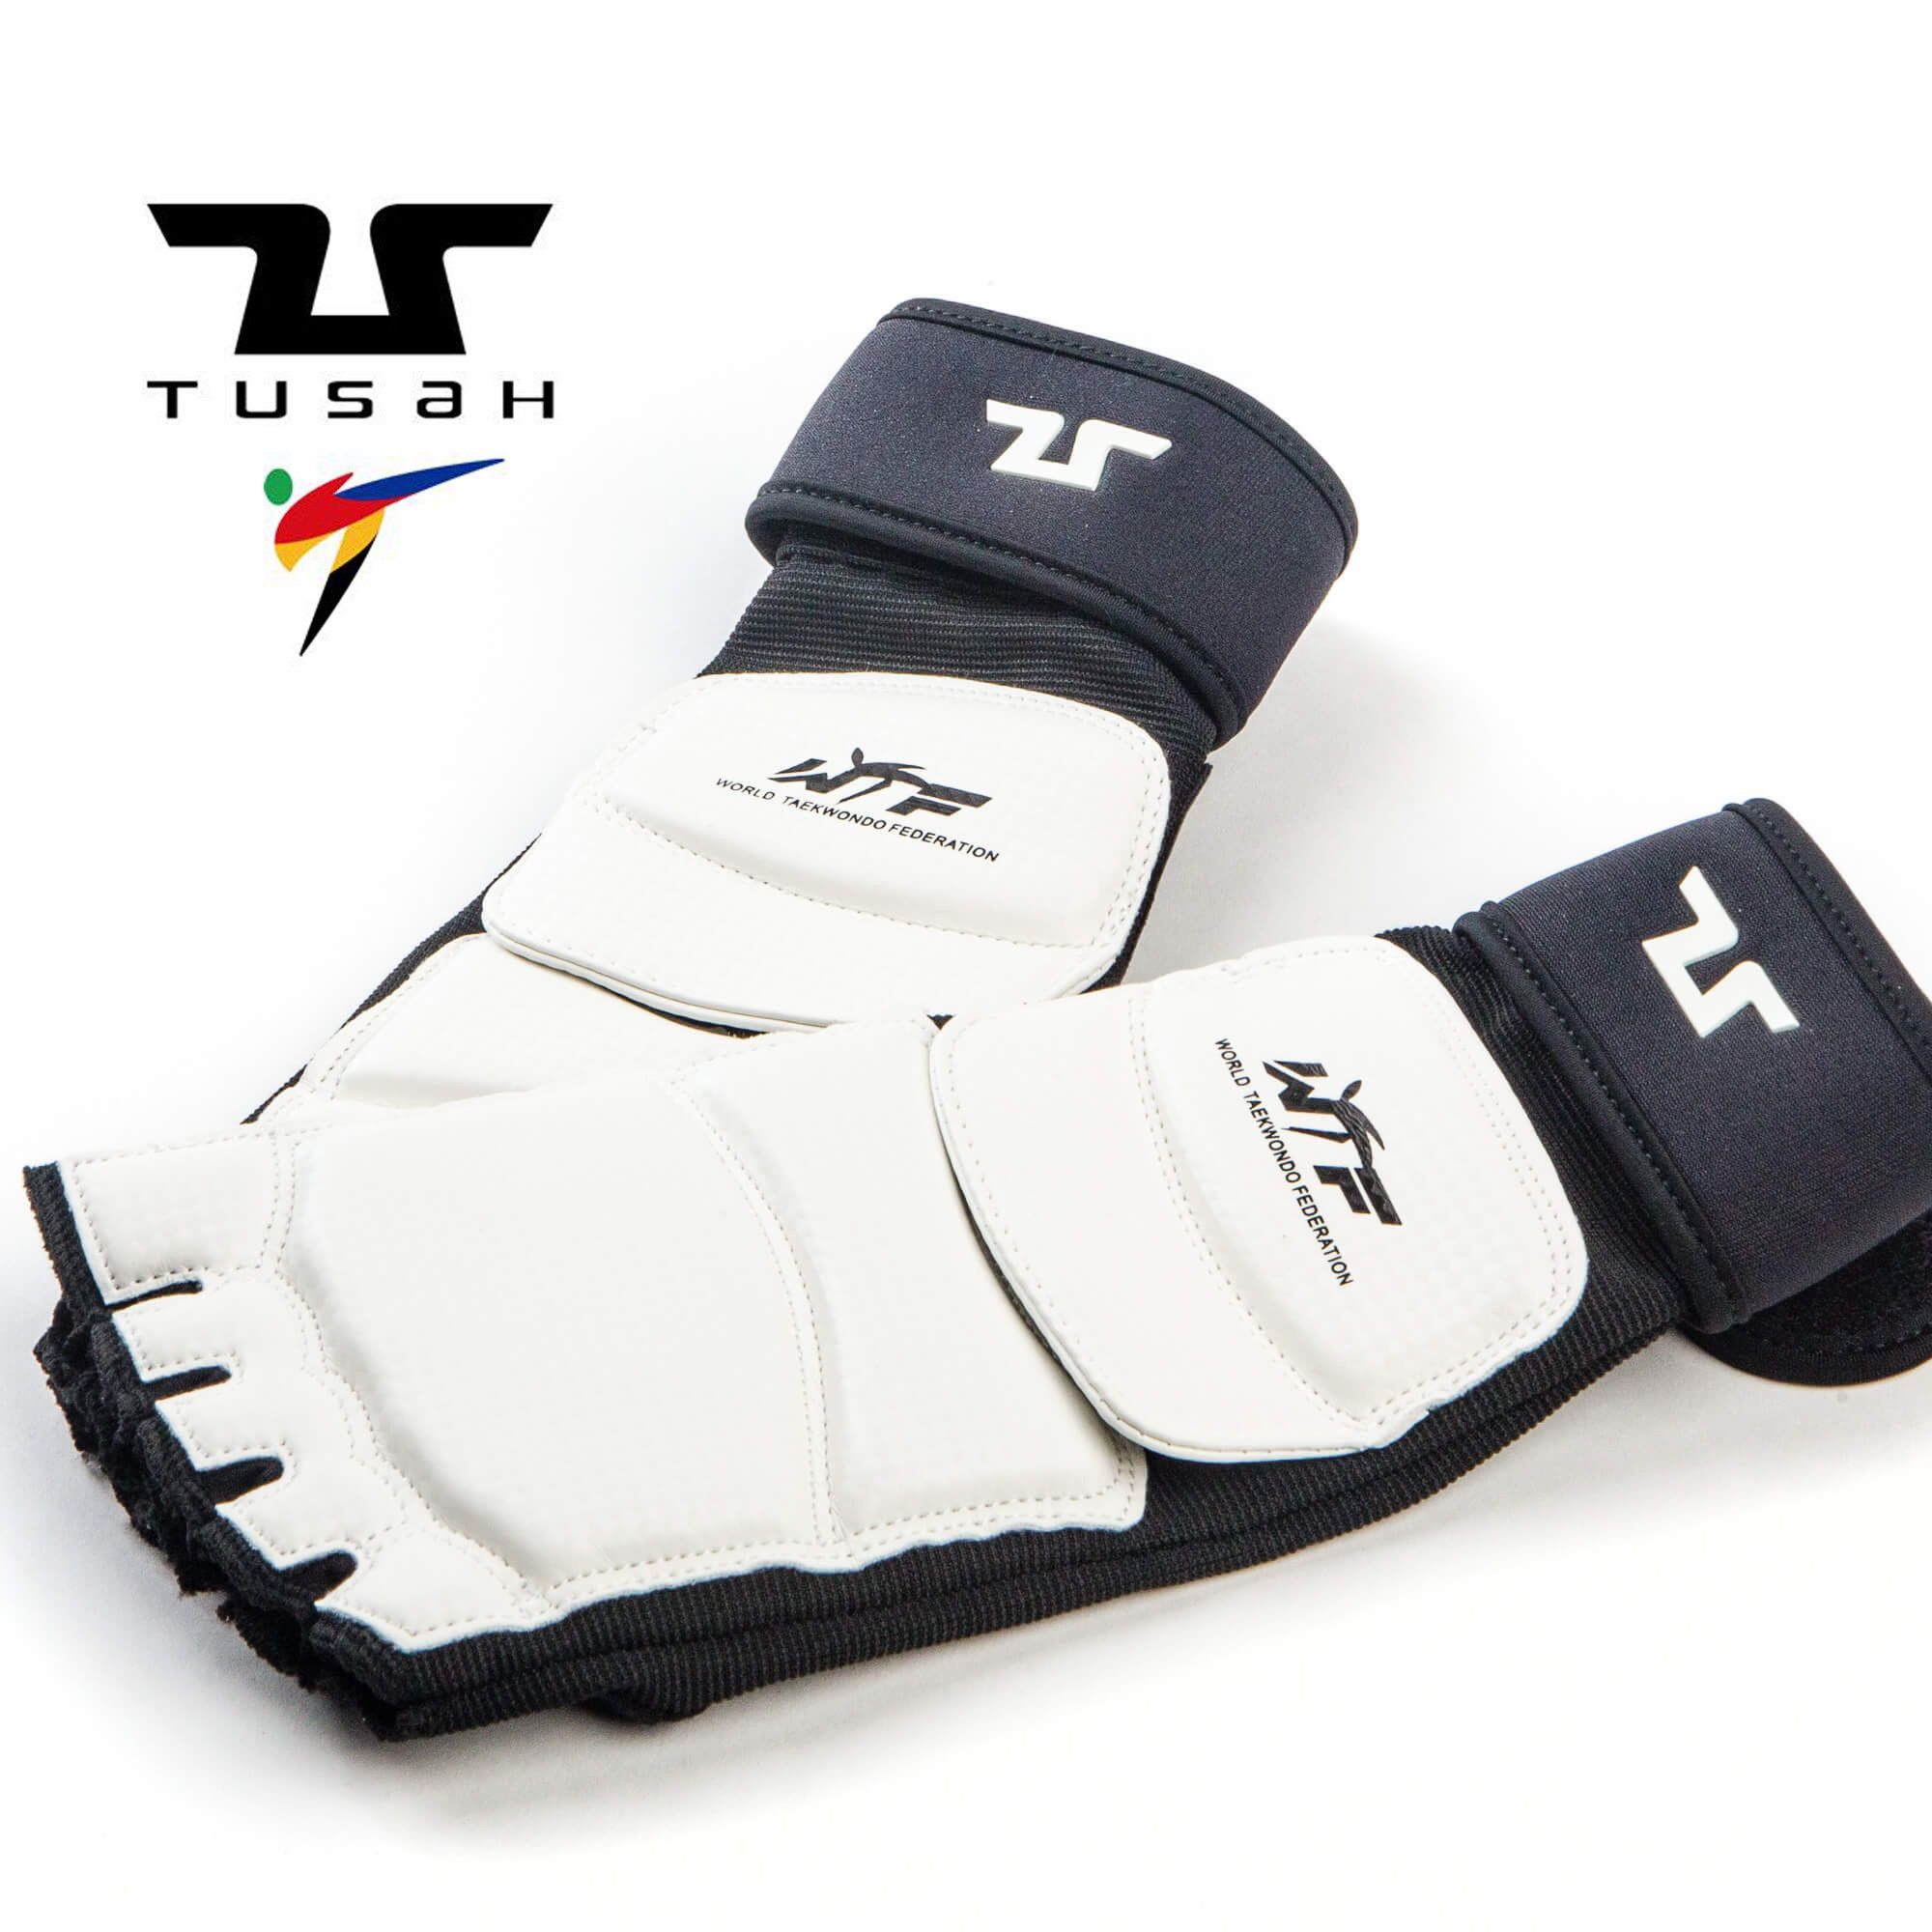 Kit Taekwondo Protezioni Completo Omologato WT Tusah Corpetto Caschetto Guantini